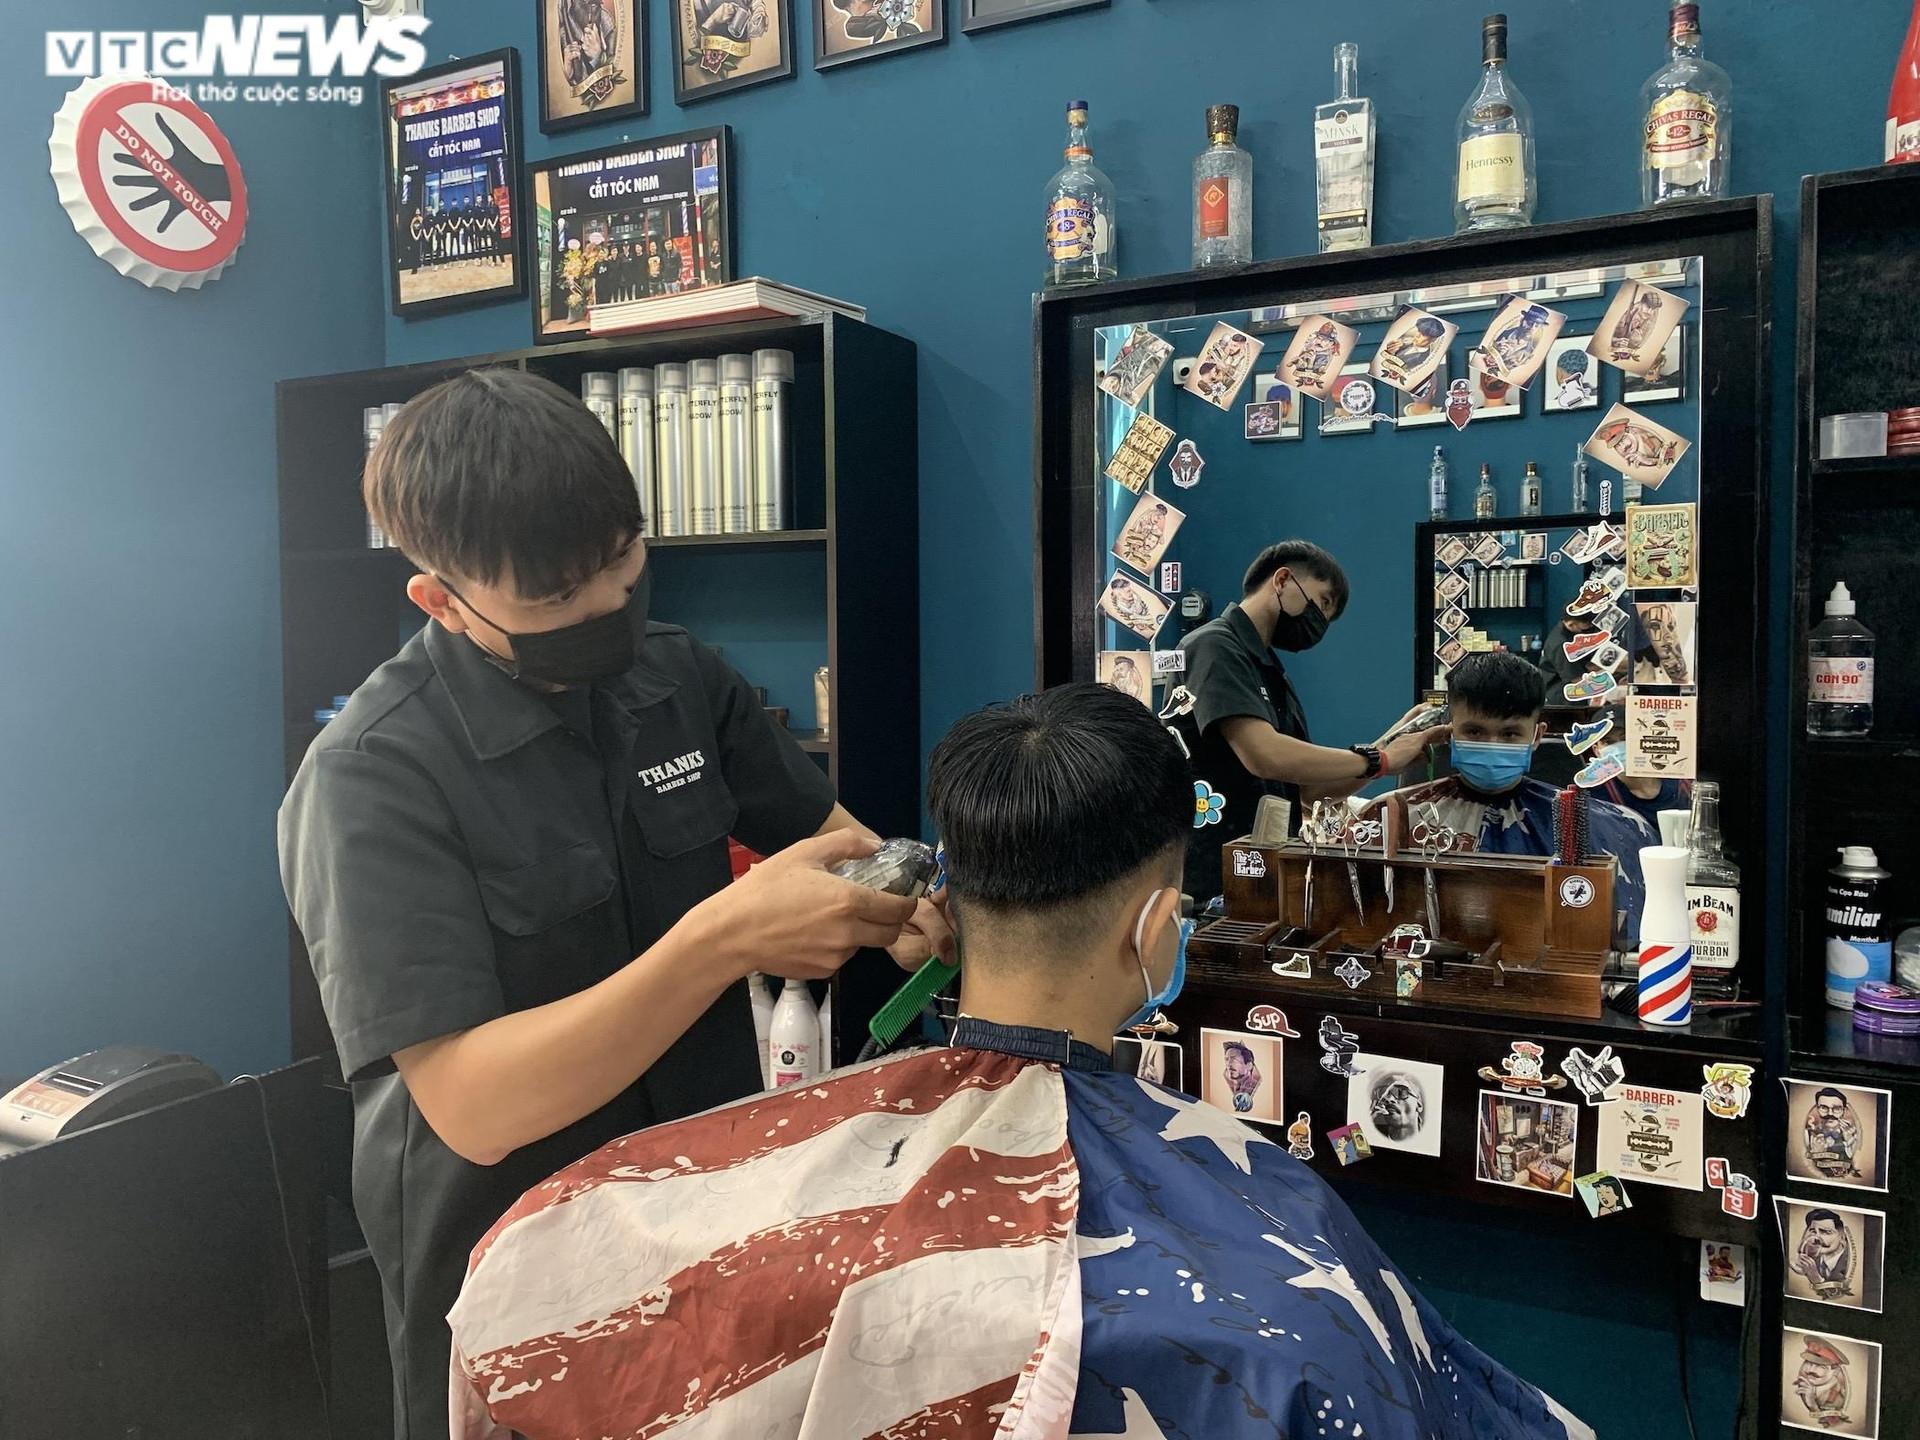 Hà Nội ngày đầu nới lỏng, thợ cắt tóc làm không kịp nghỉ - 10